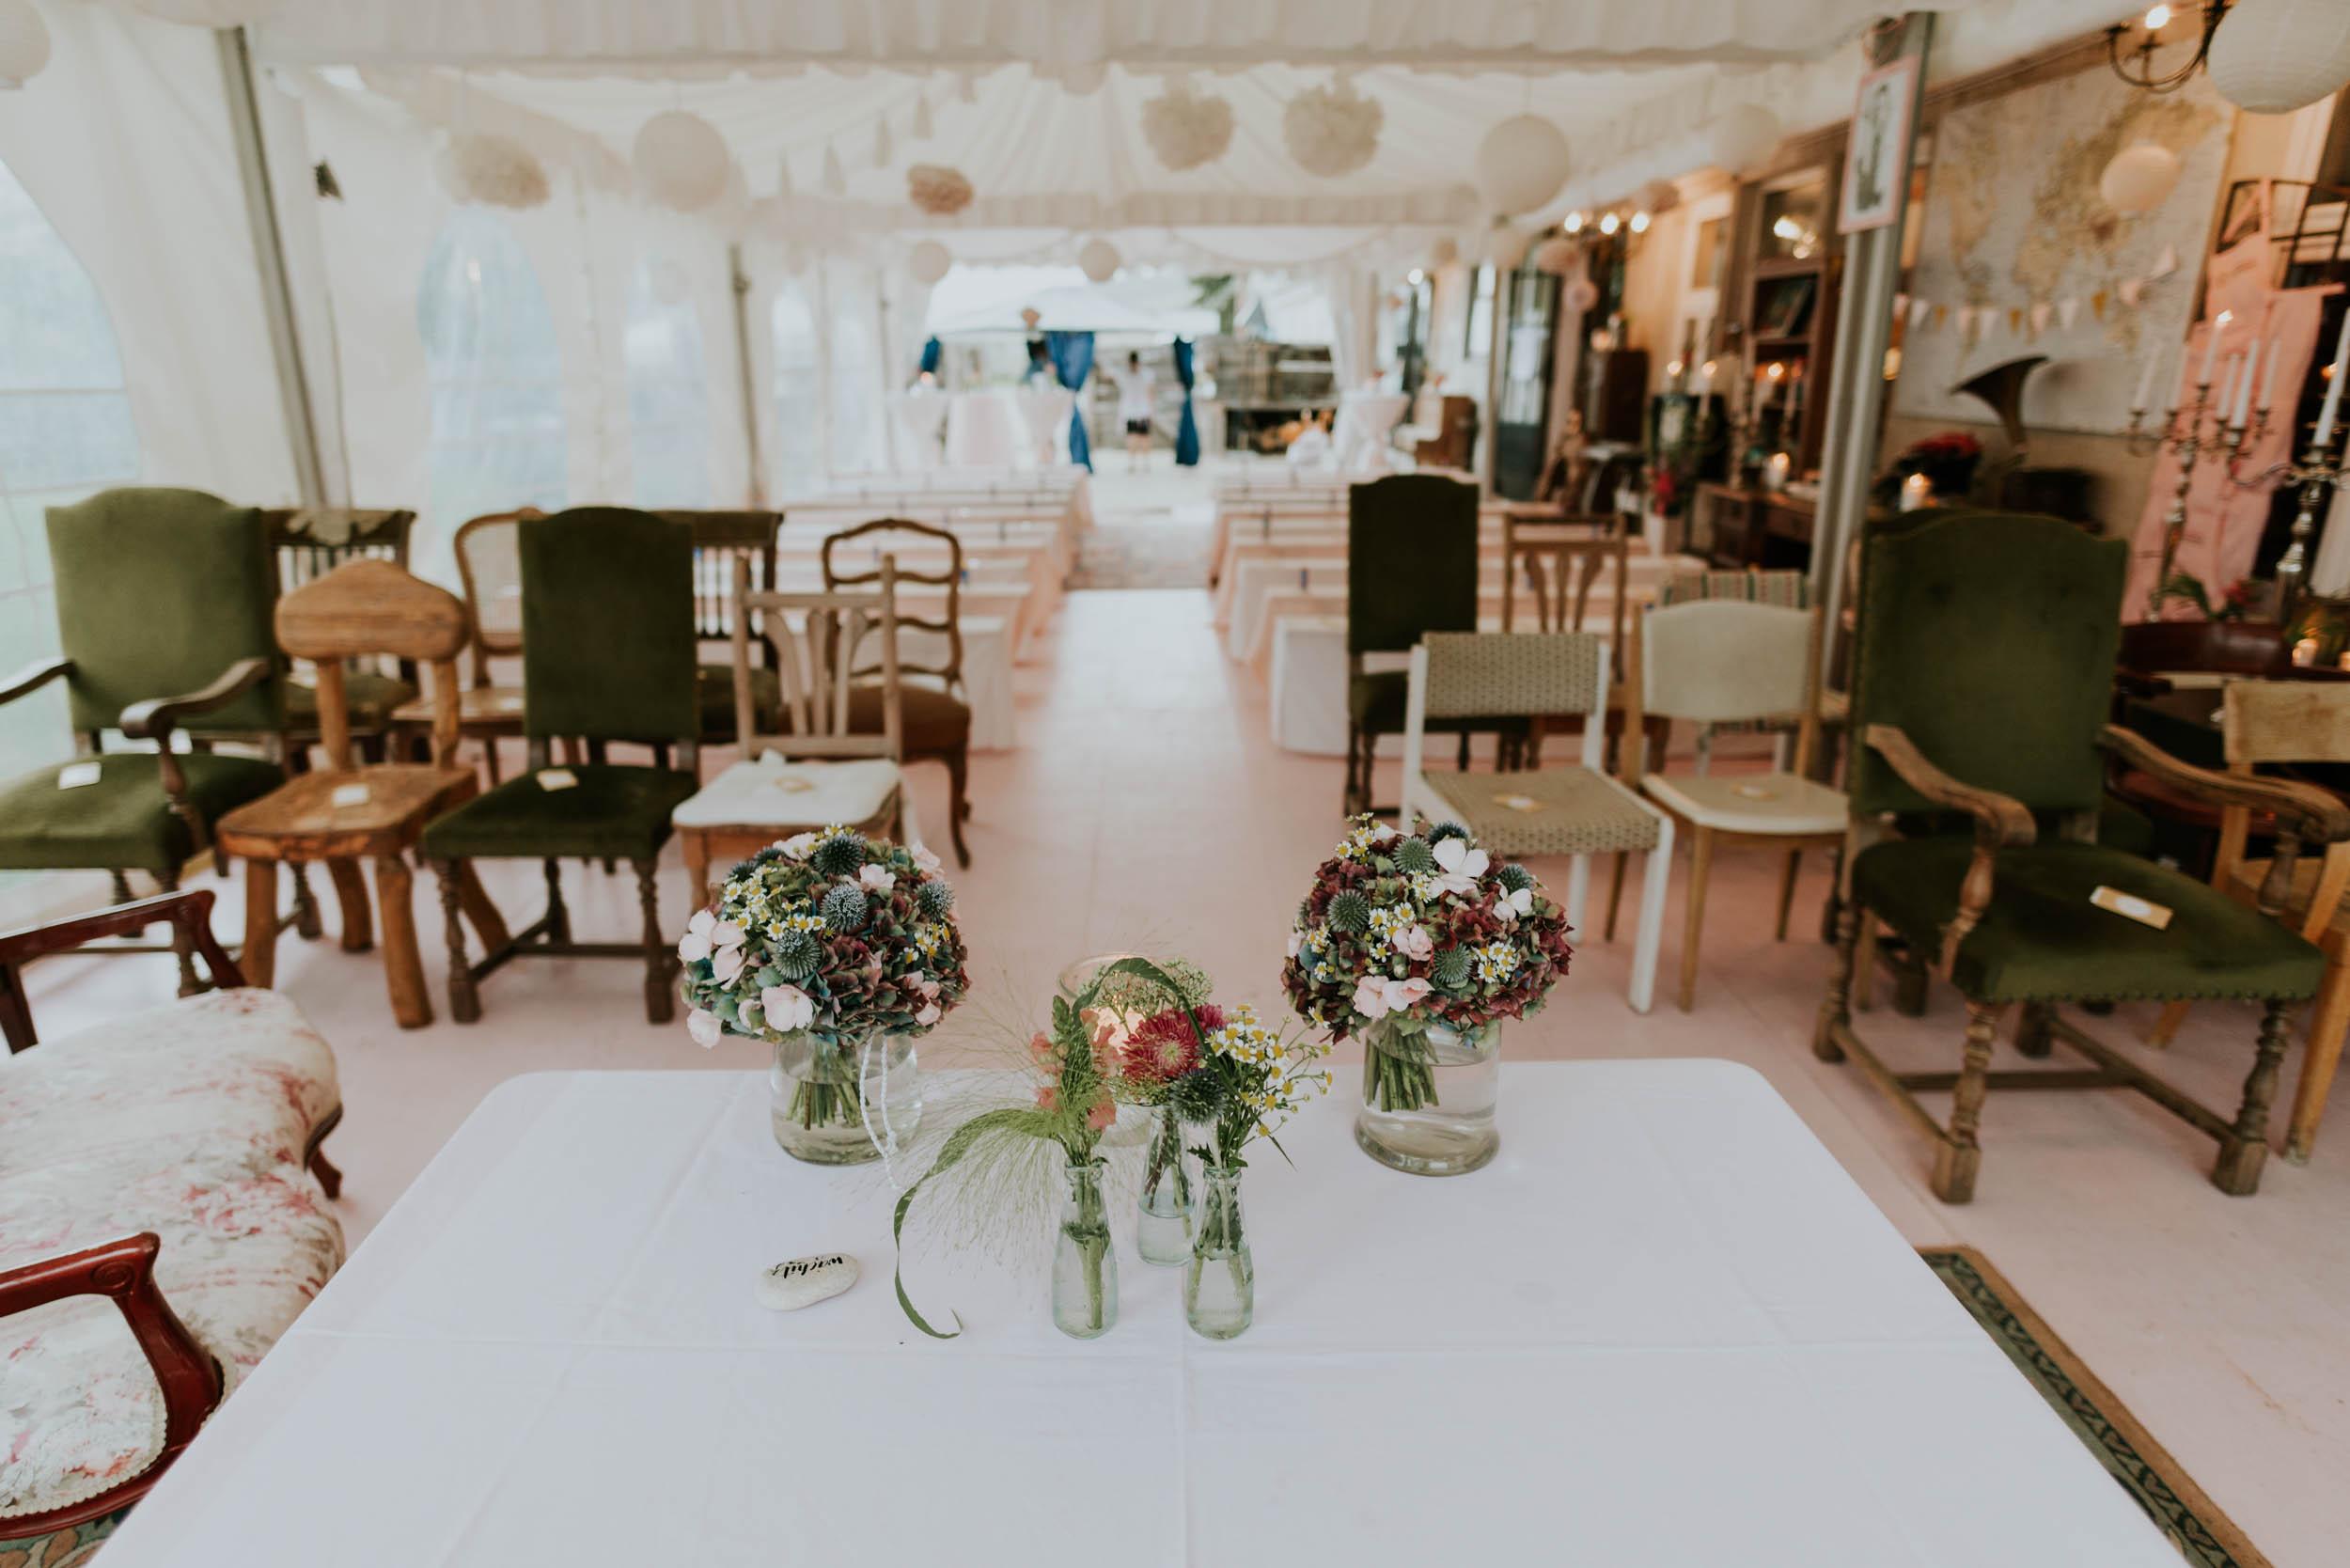 Hochzeit_Stadtflucht Bergmühle_belle&sass0014.jpg